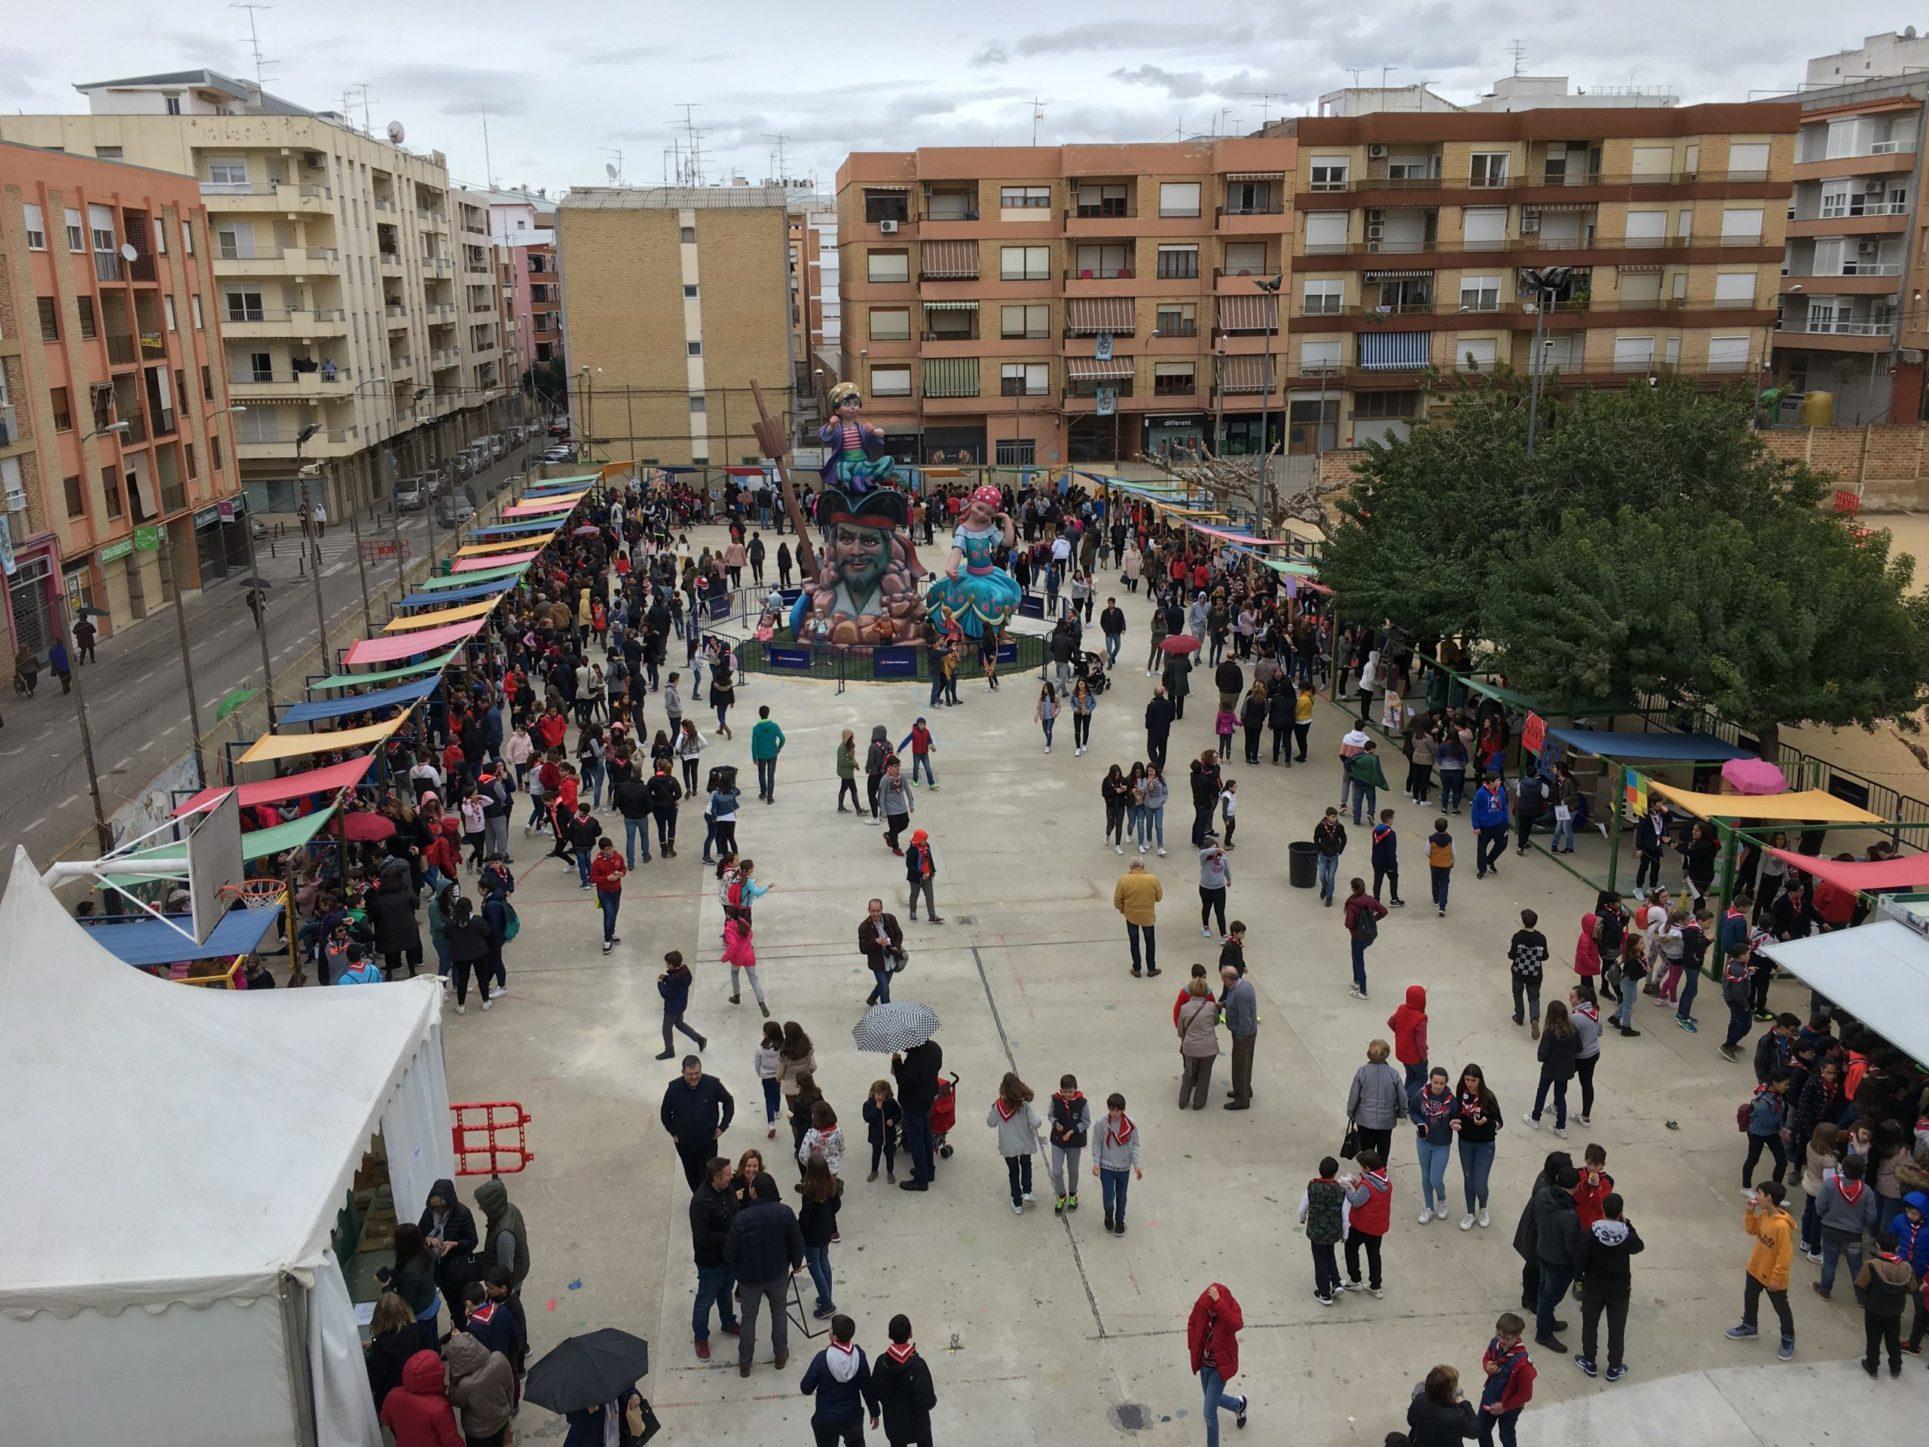 Comença el cap de setmana més intens per als Juniors de Sant Josep El Periòdic d'Ontinyent - Noticies a Ontinyent